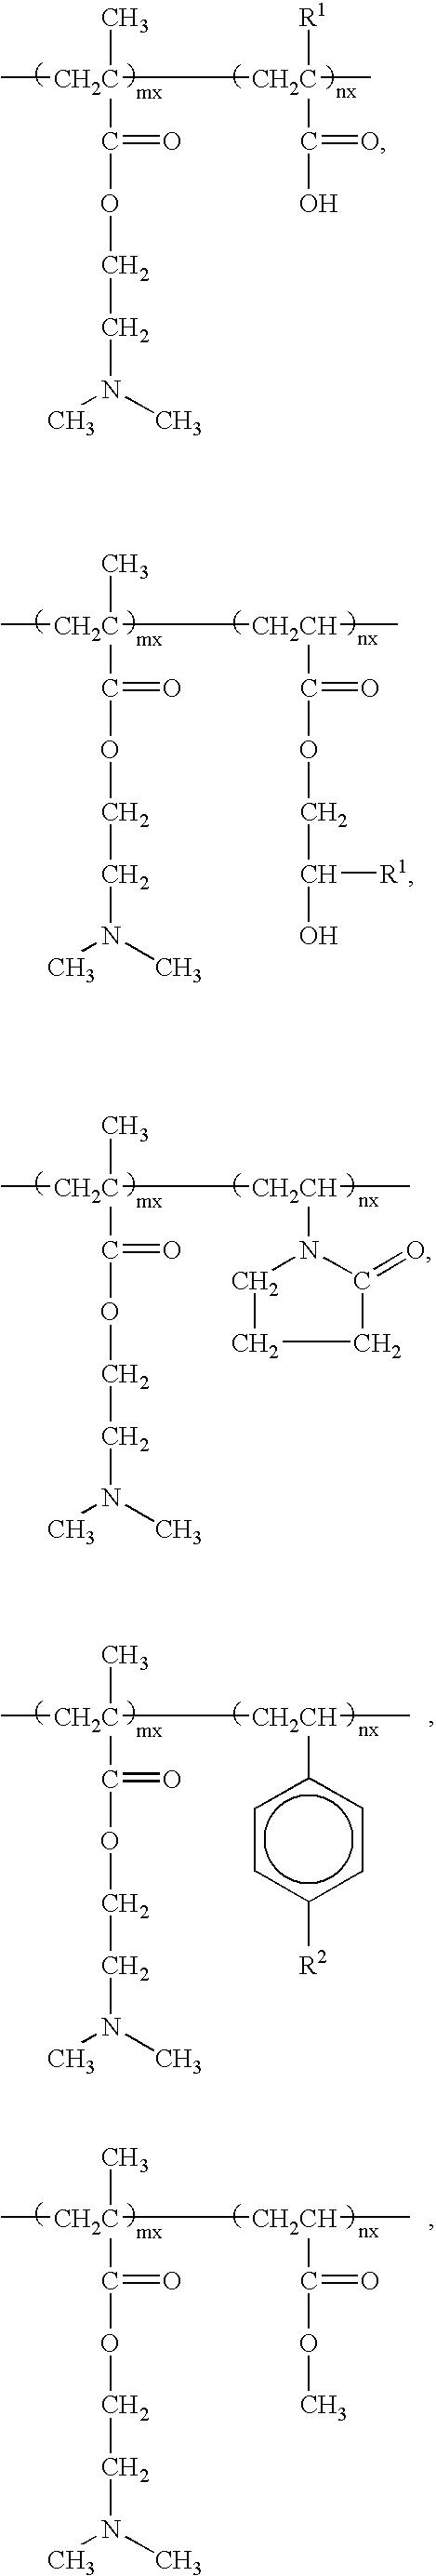 Figure US07335700-20080226-C00052